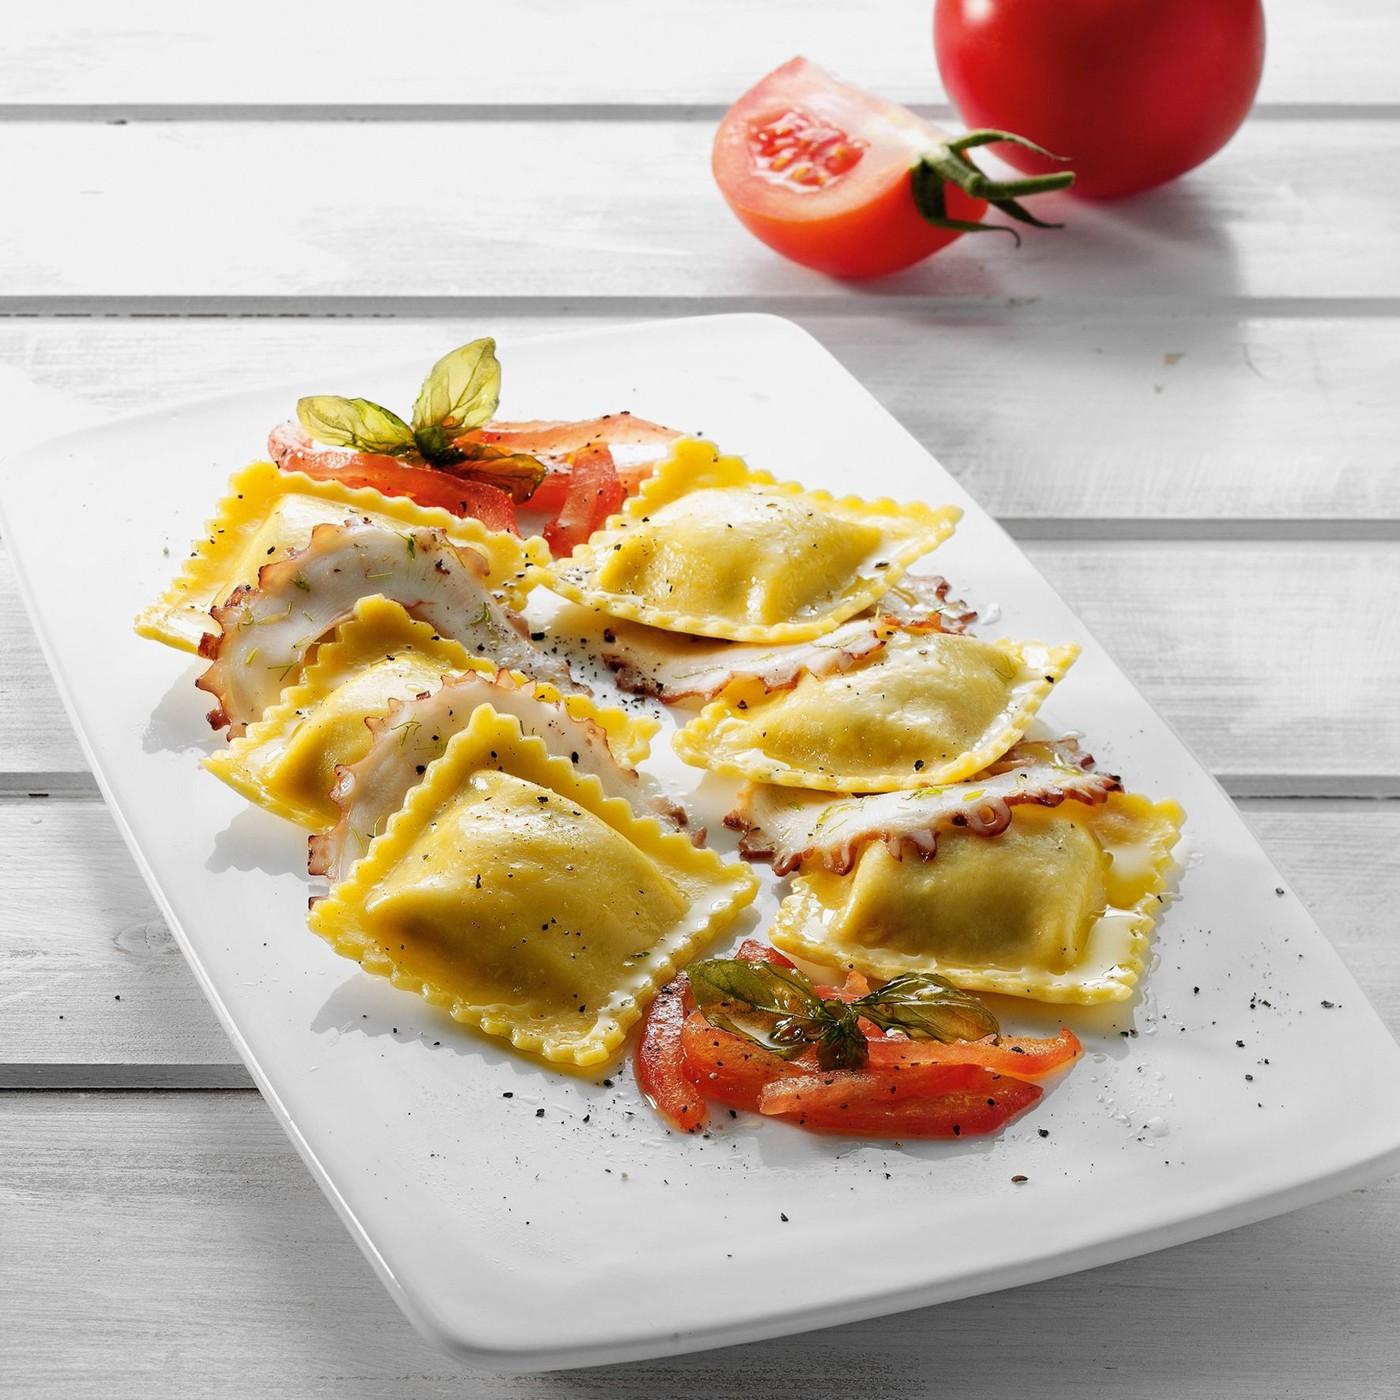 receta de Tortelli Con Mozzarella De Bufala, Tomate Y Albahaca